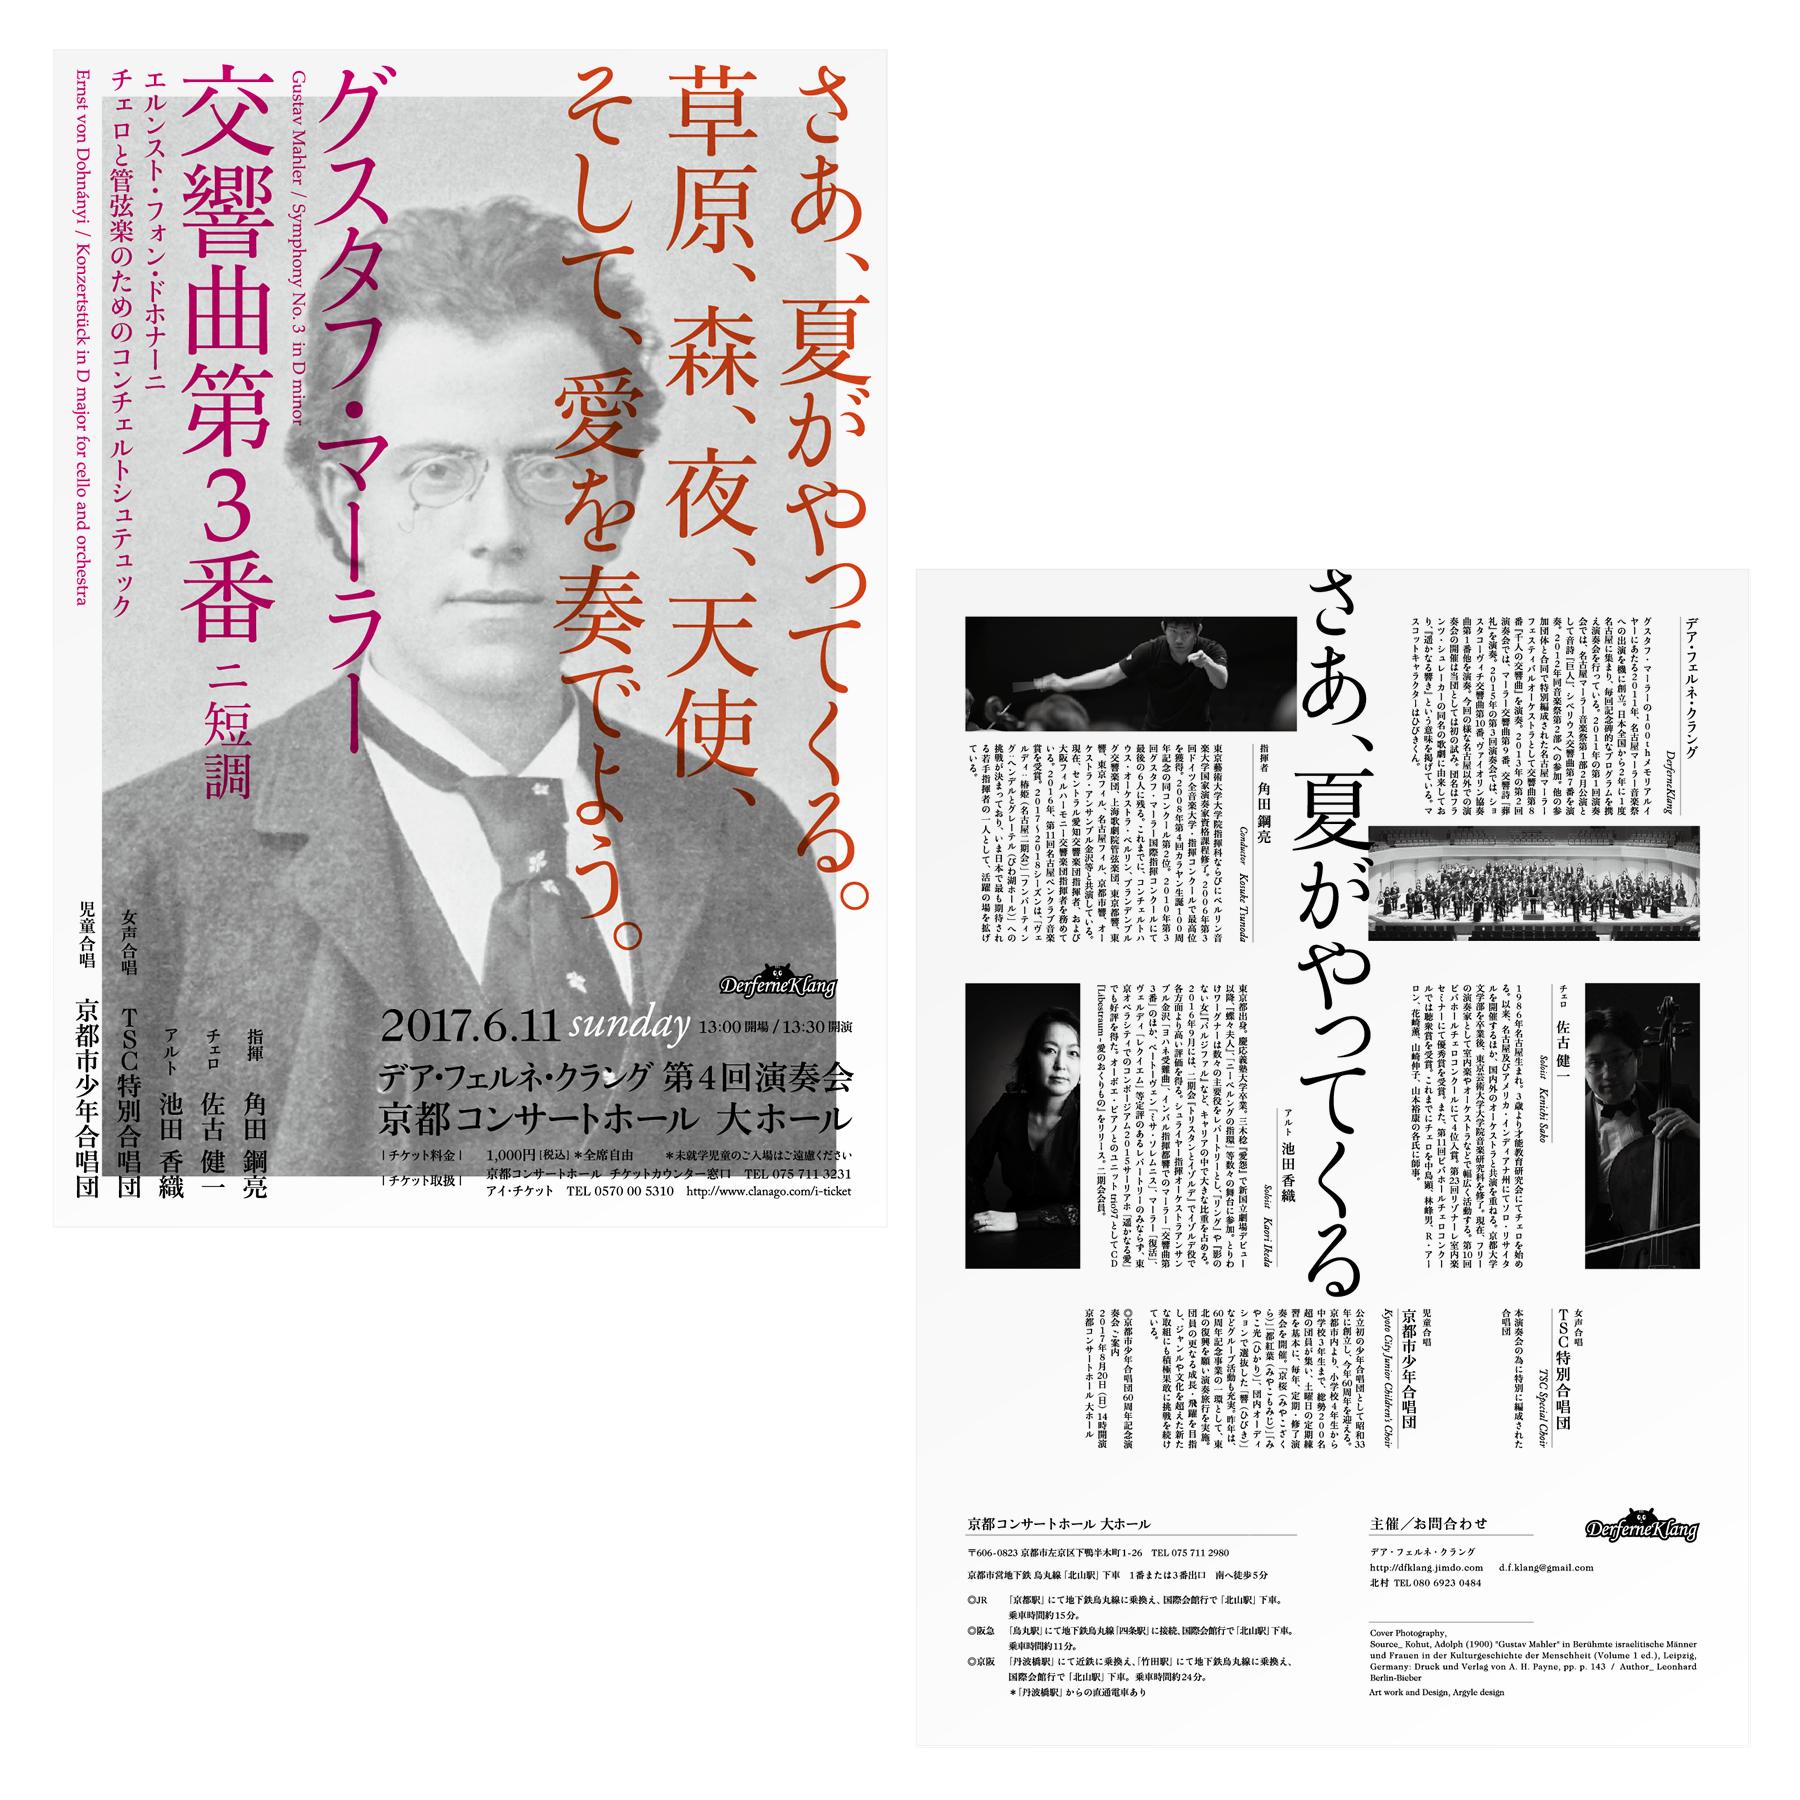 Der Ferne Klang|4th Concert – 京都コンサートホール 大ホール|グラフィックデザイン・コピー